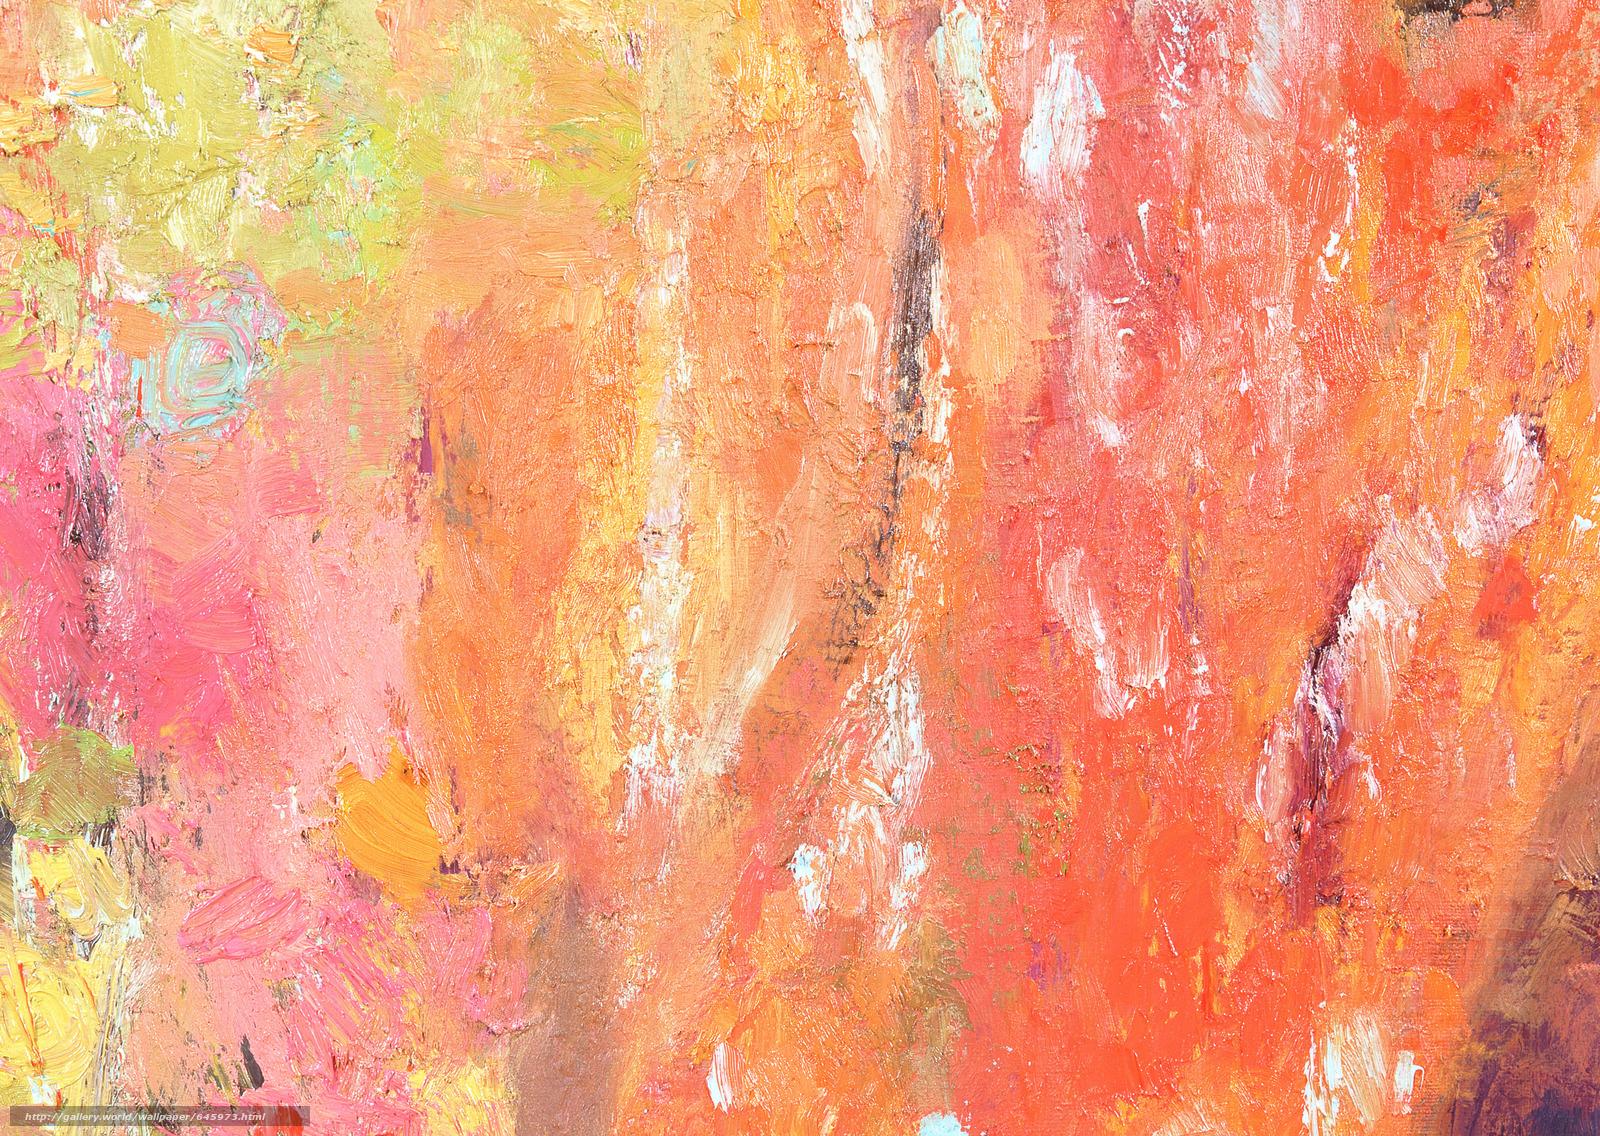 РФ) картина на ярко выкрашенную разноцветную фактурную штукатурку Пуревдорж